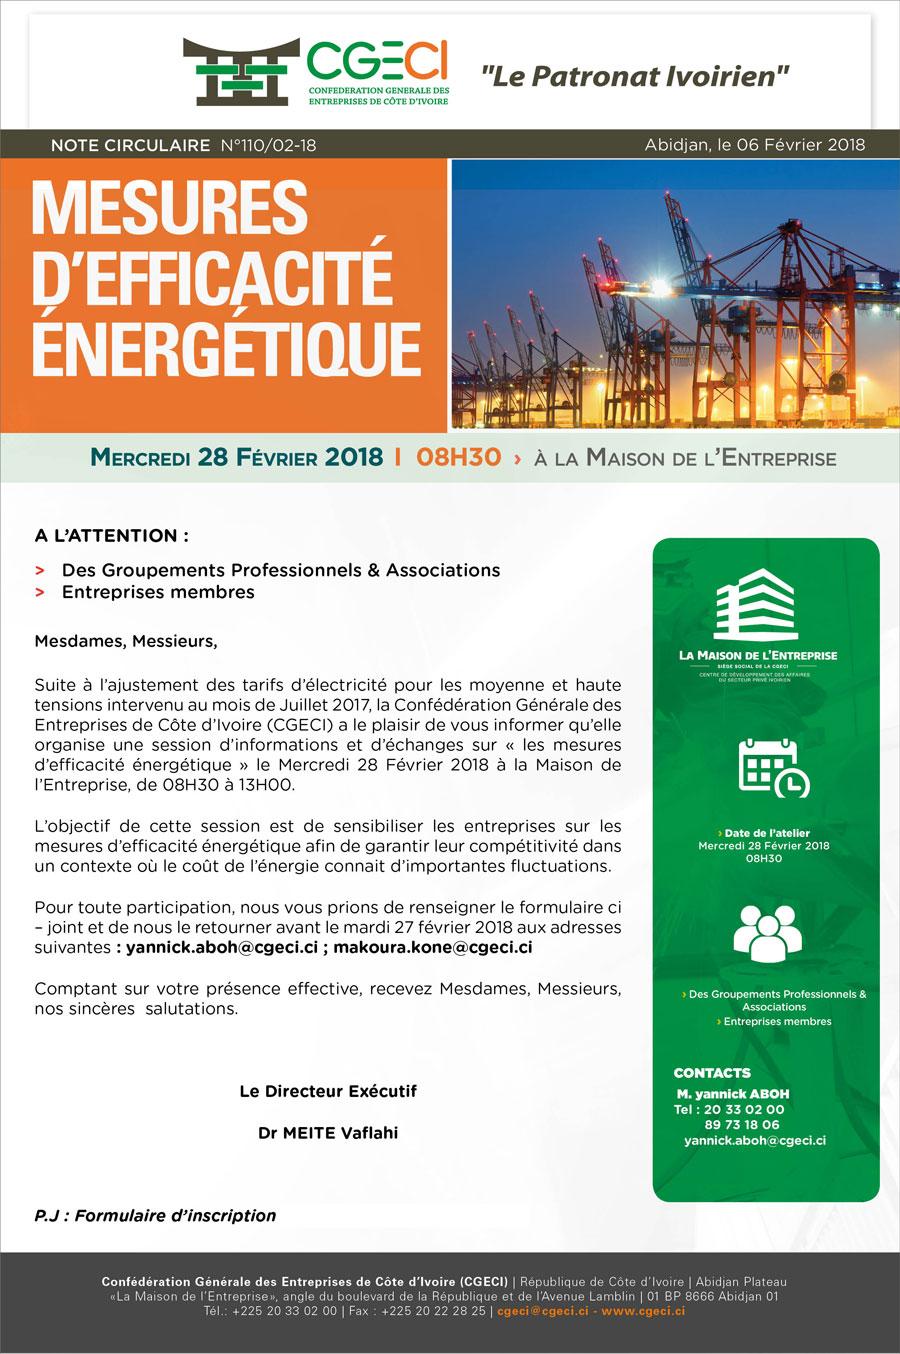 Invitation – session d'informations et d'Echanges sur les mesures d'efficacité énergétique